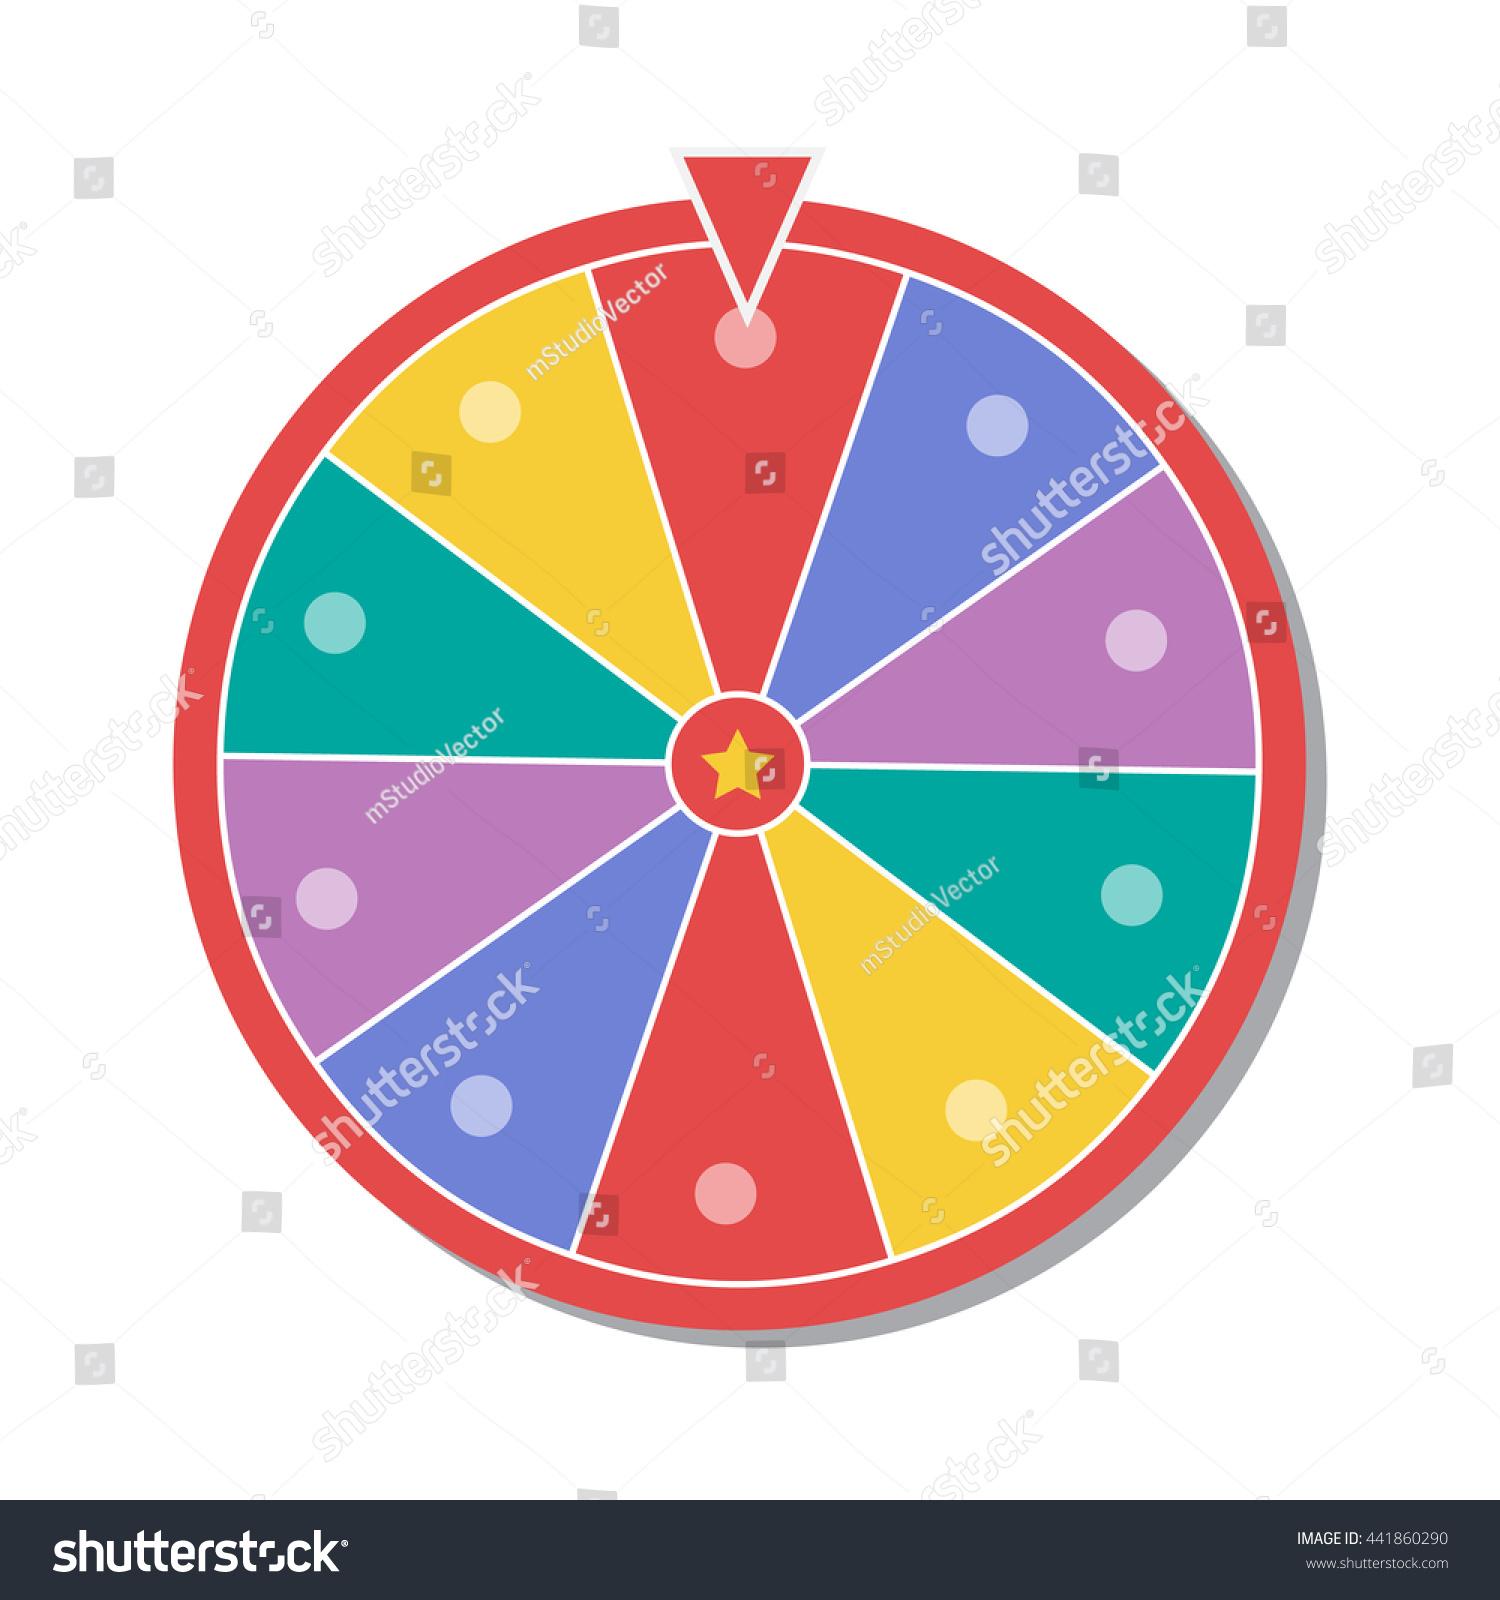 Wheel Of Fortune Vector Illustration Eps1 0 - 441860290 ...